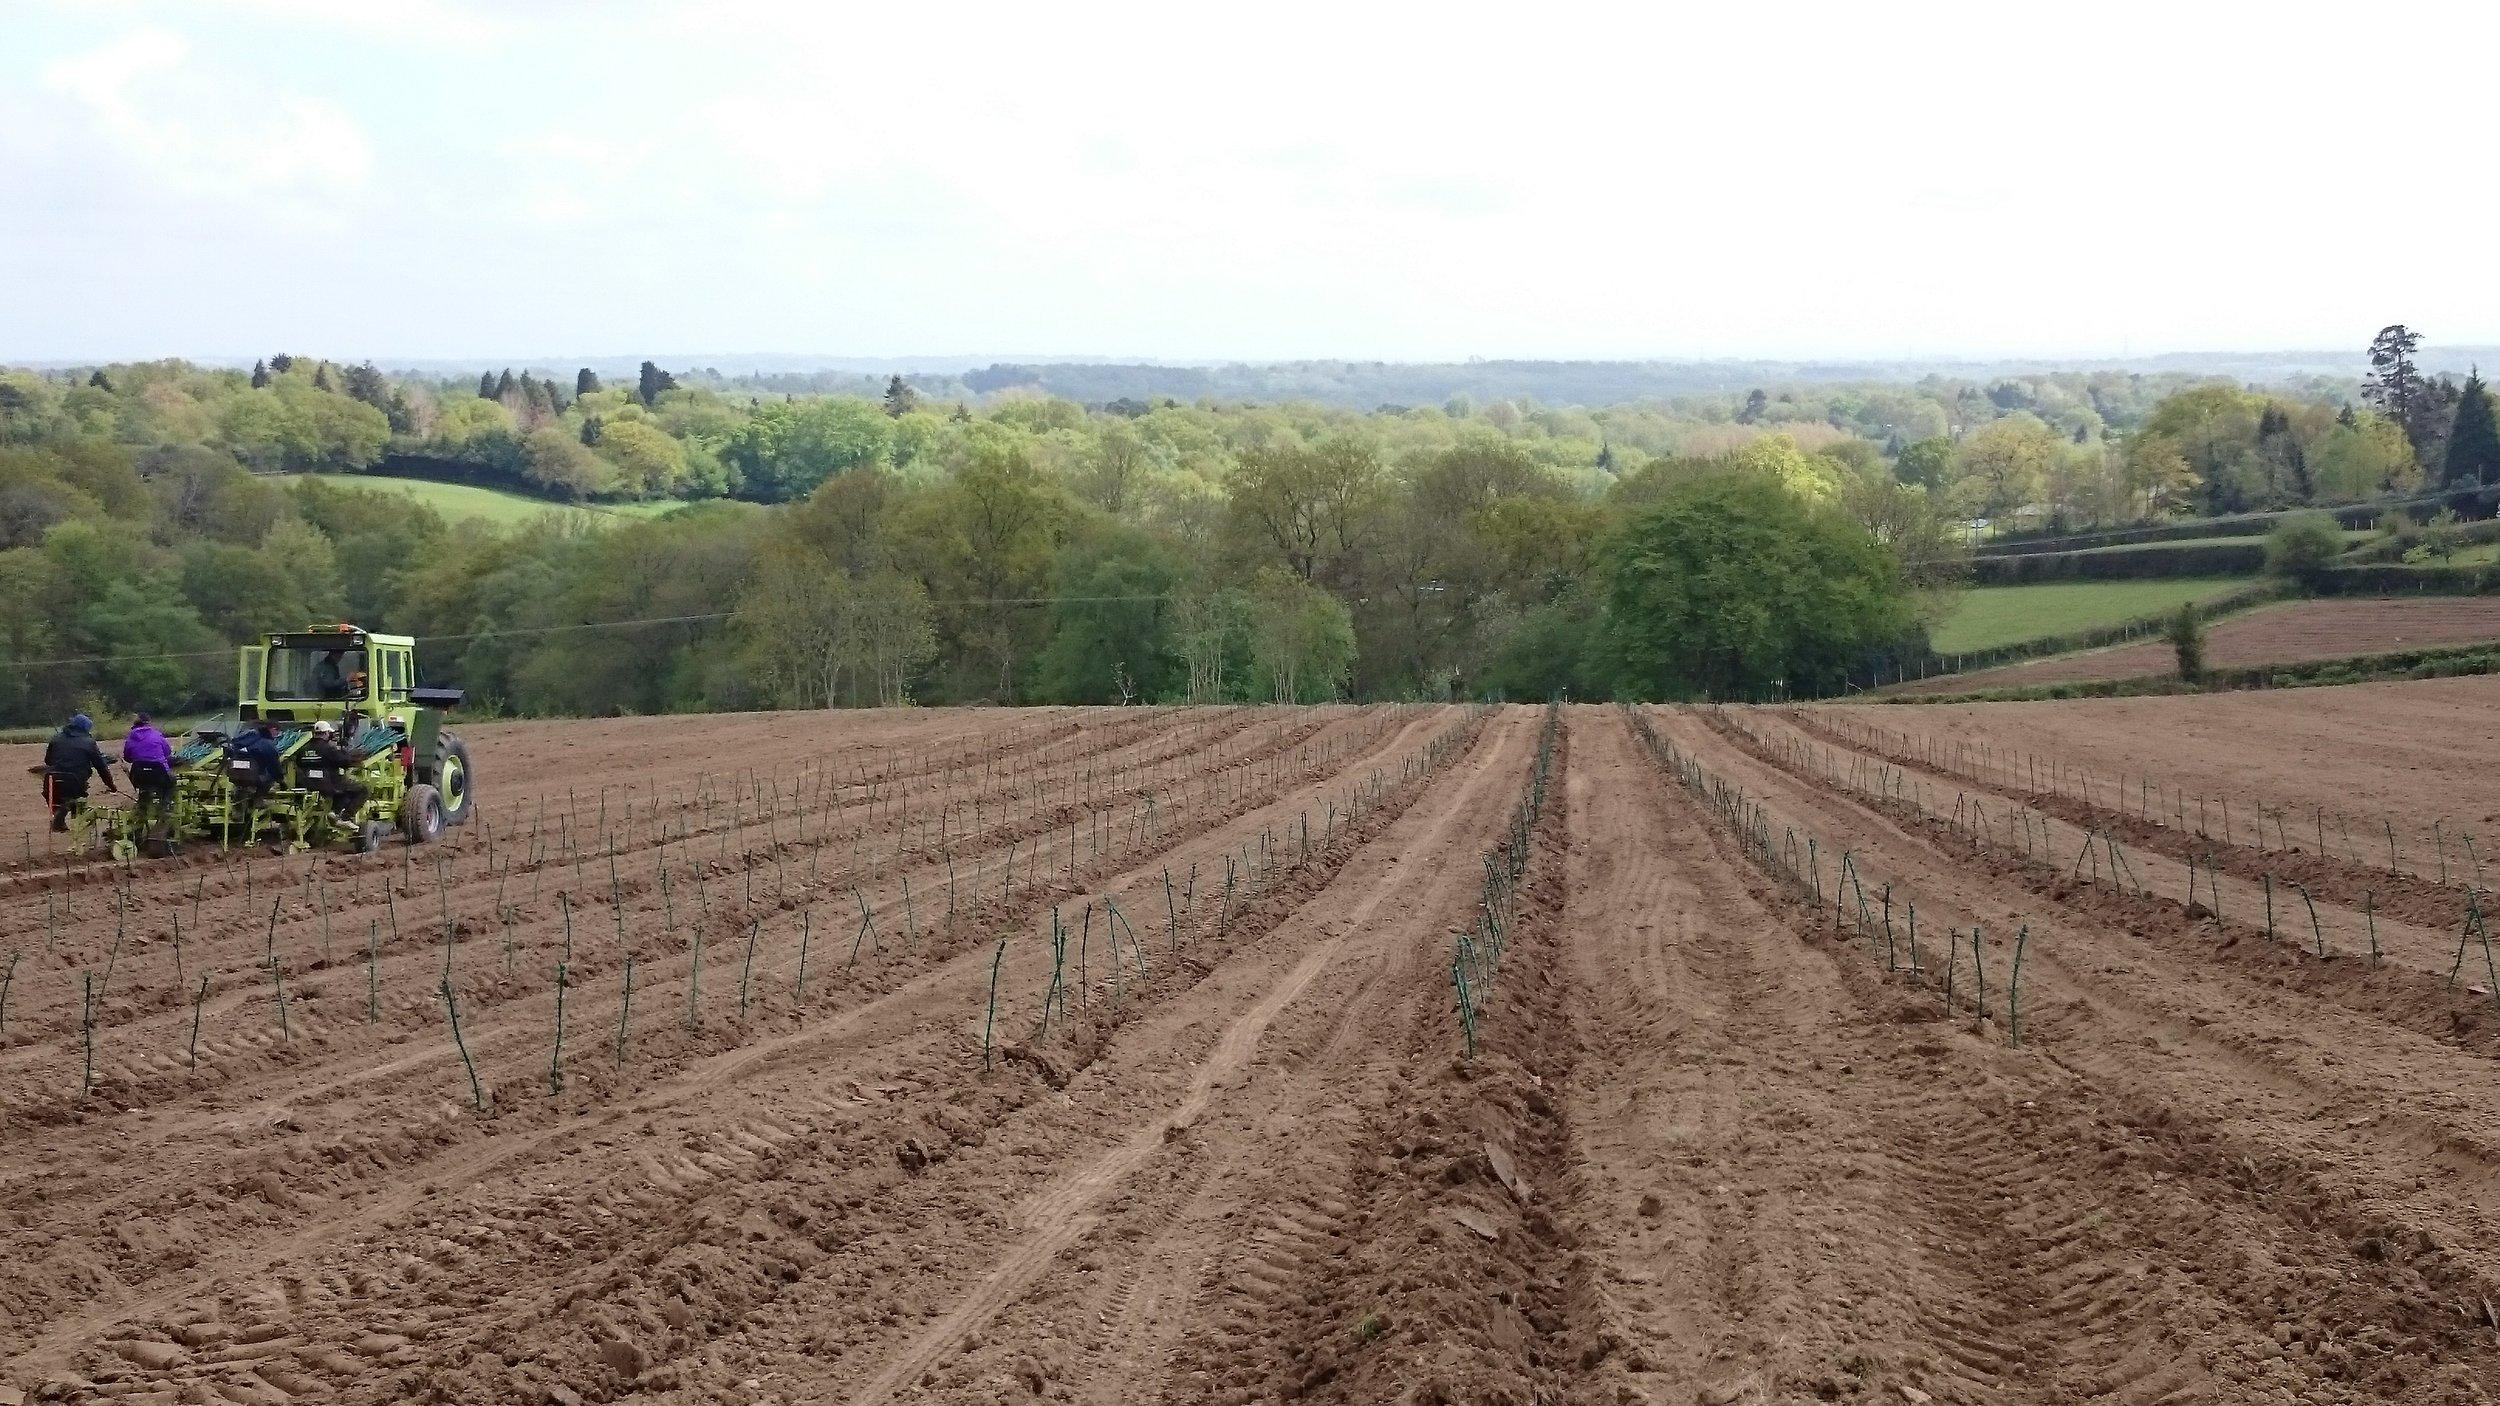 May 2015 - Planting